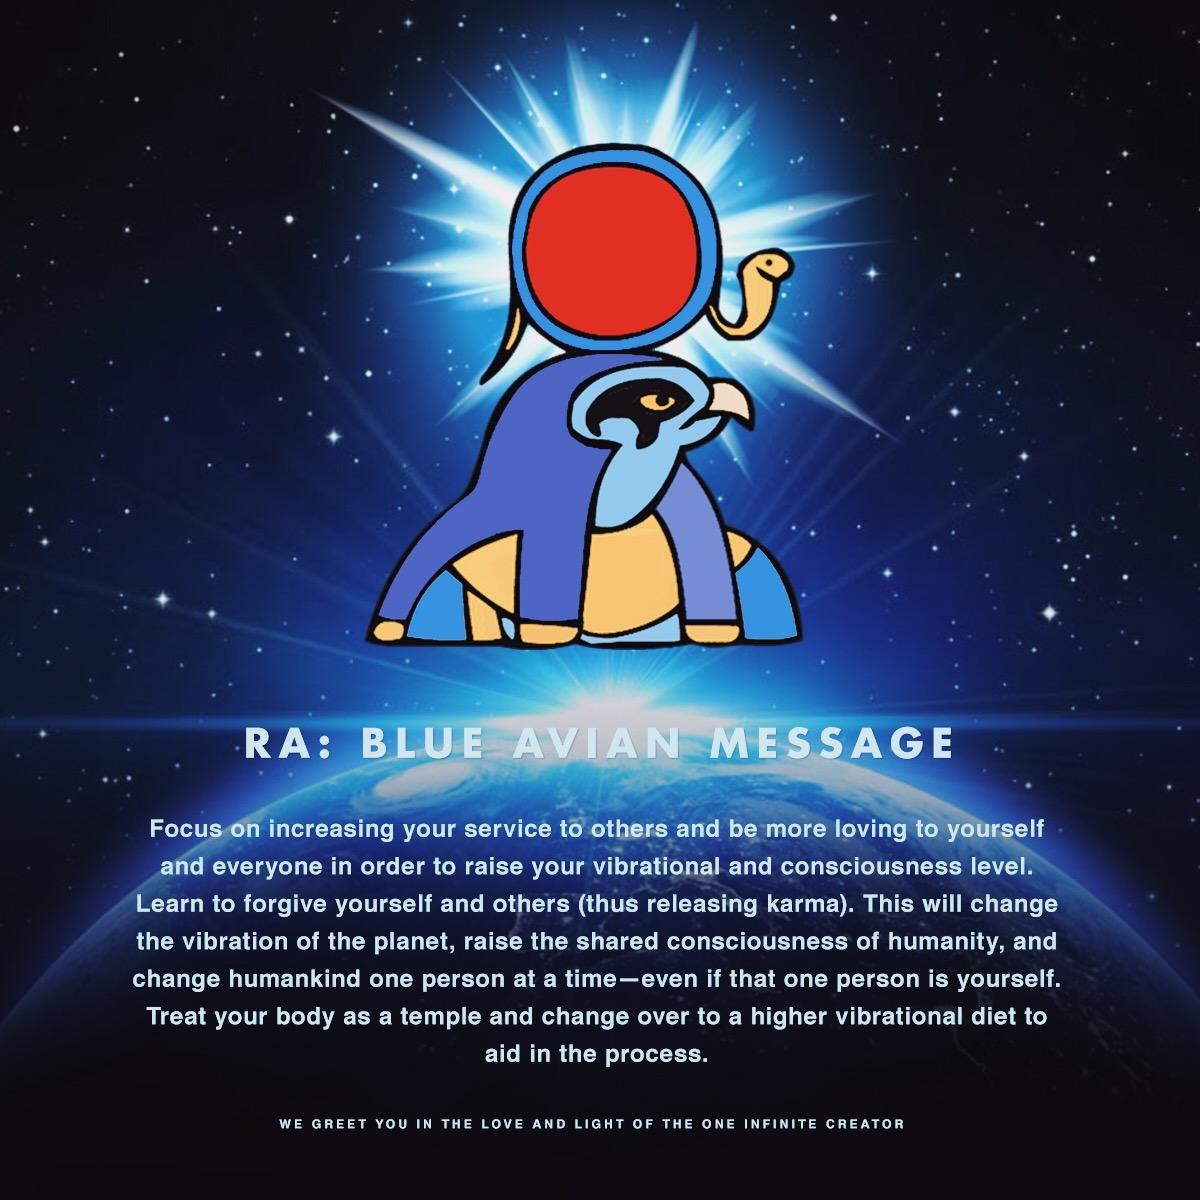 Blue Avian Message